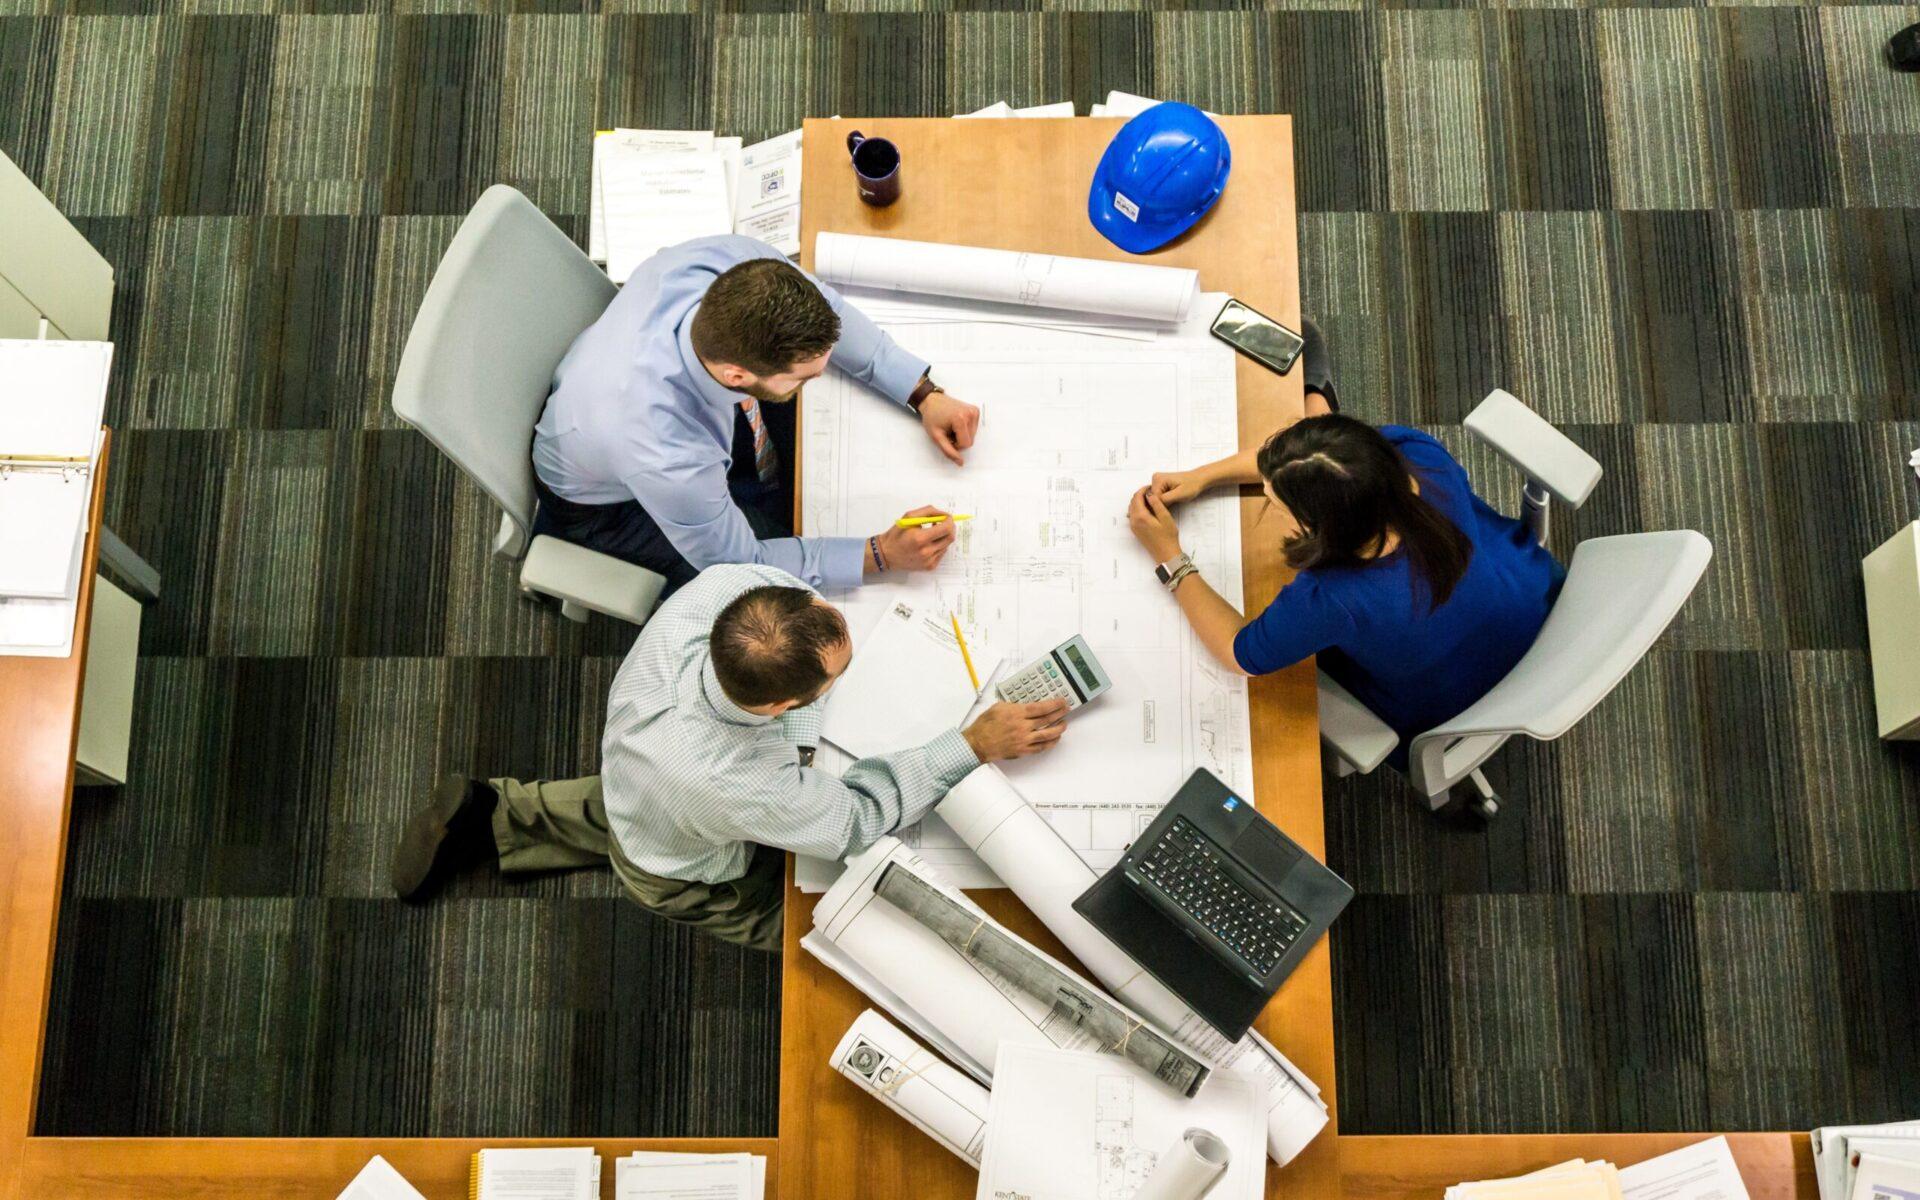 施工管理の原価管理に必要な5つのスキル